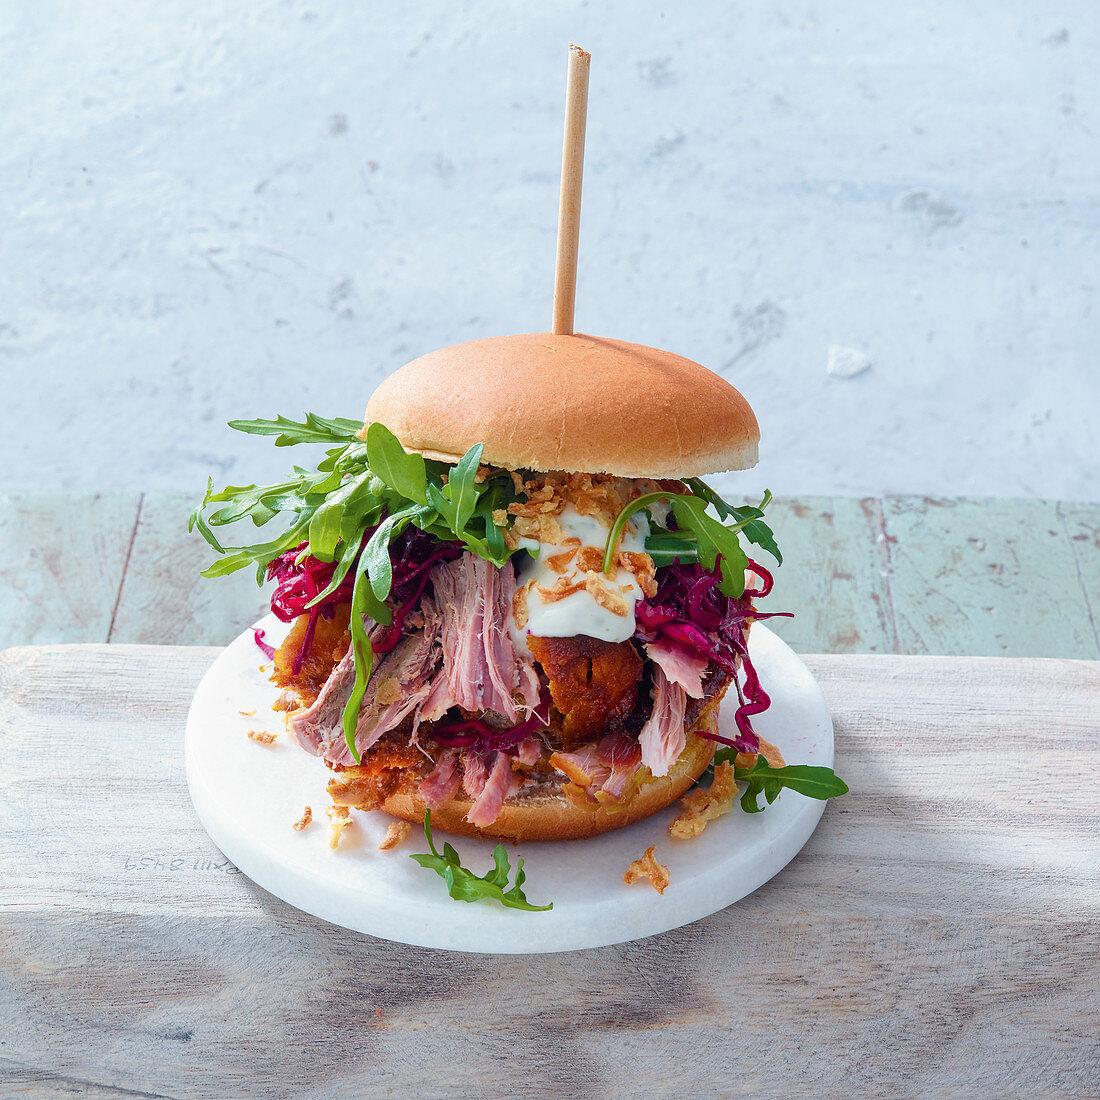 Gegrillter Pulled Beef Burger mit Estragon-Aioli